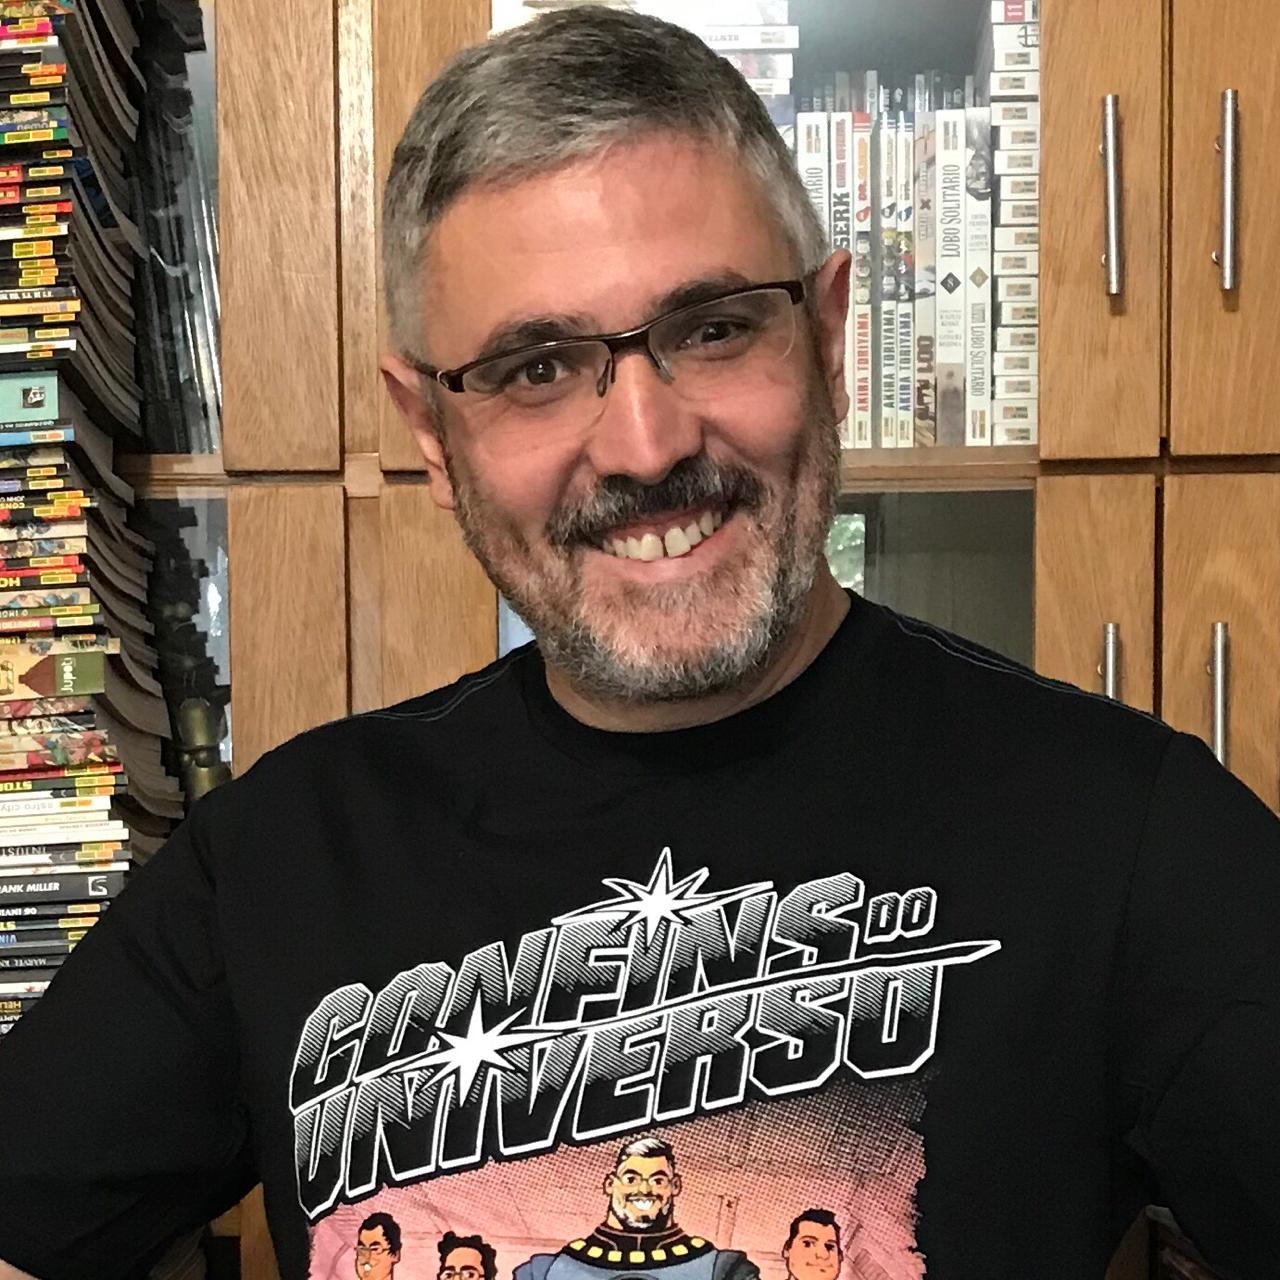 Sidney Gusman com a camisa do Confins do Universo